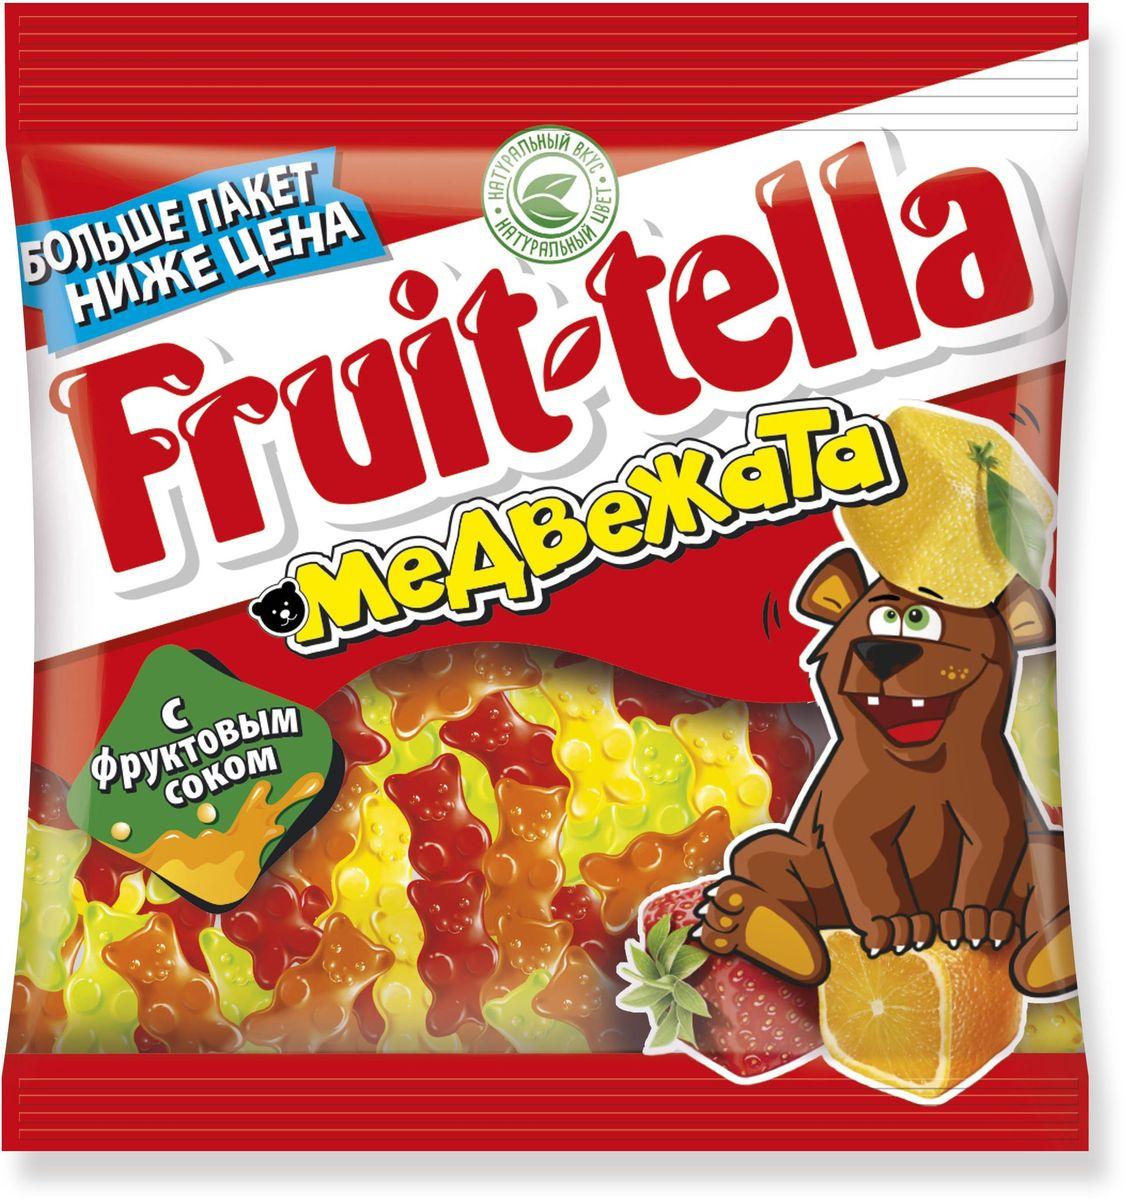 Fruittella Медвежата жевательный мармелад, 150 г ударница мармелад со вкусом черной смородины 325 г